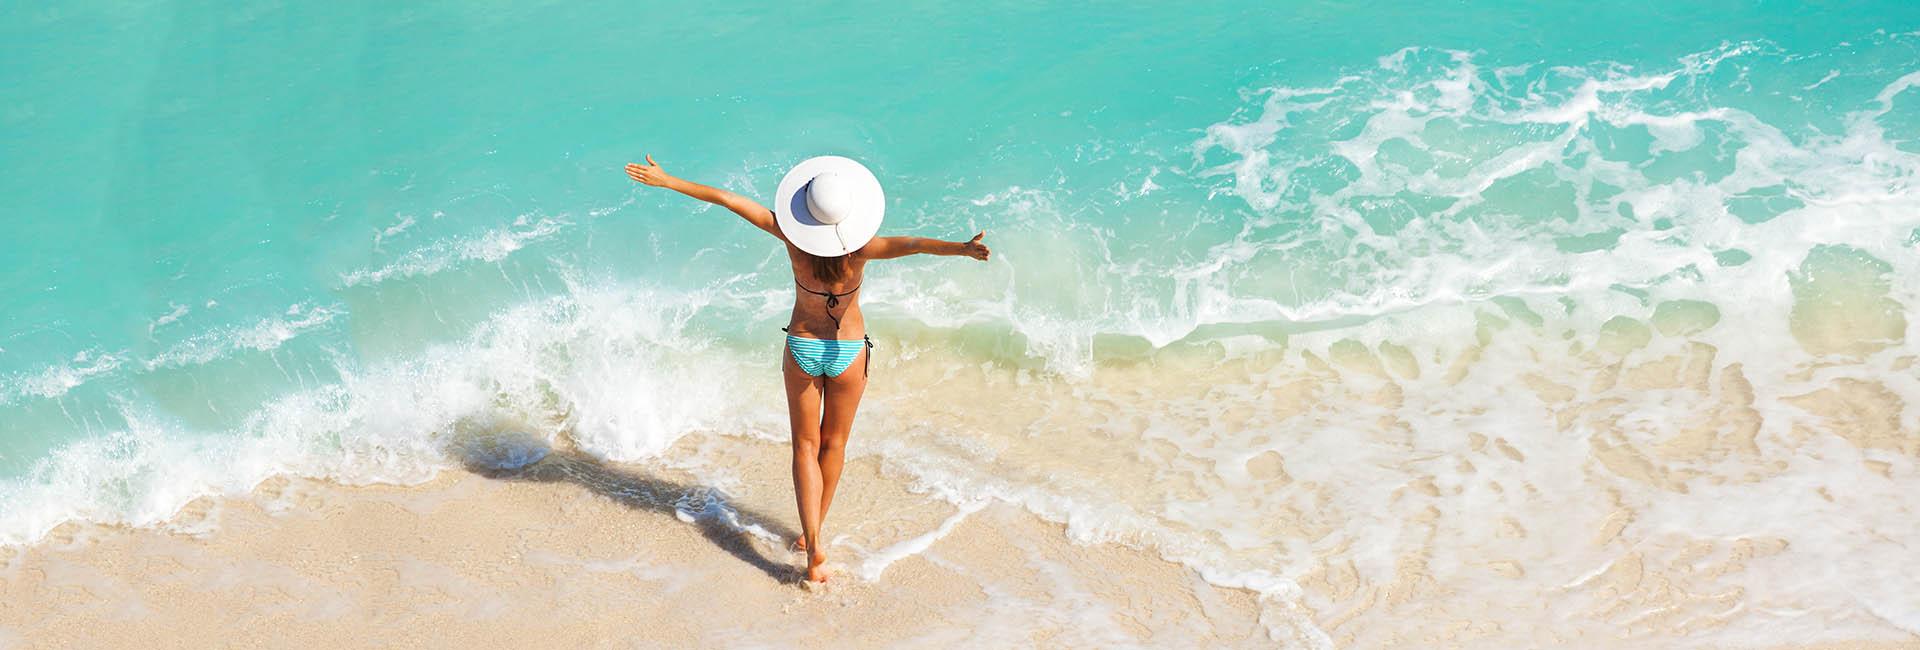 Desintoxica tu Mente en Vacaciones